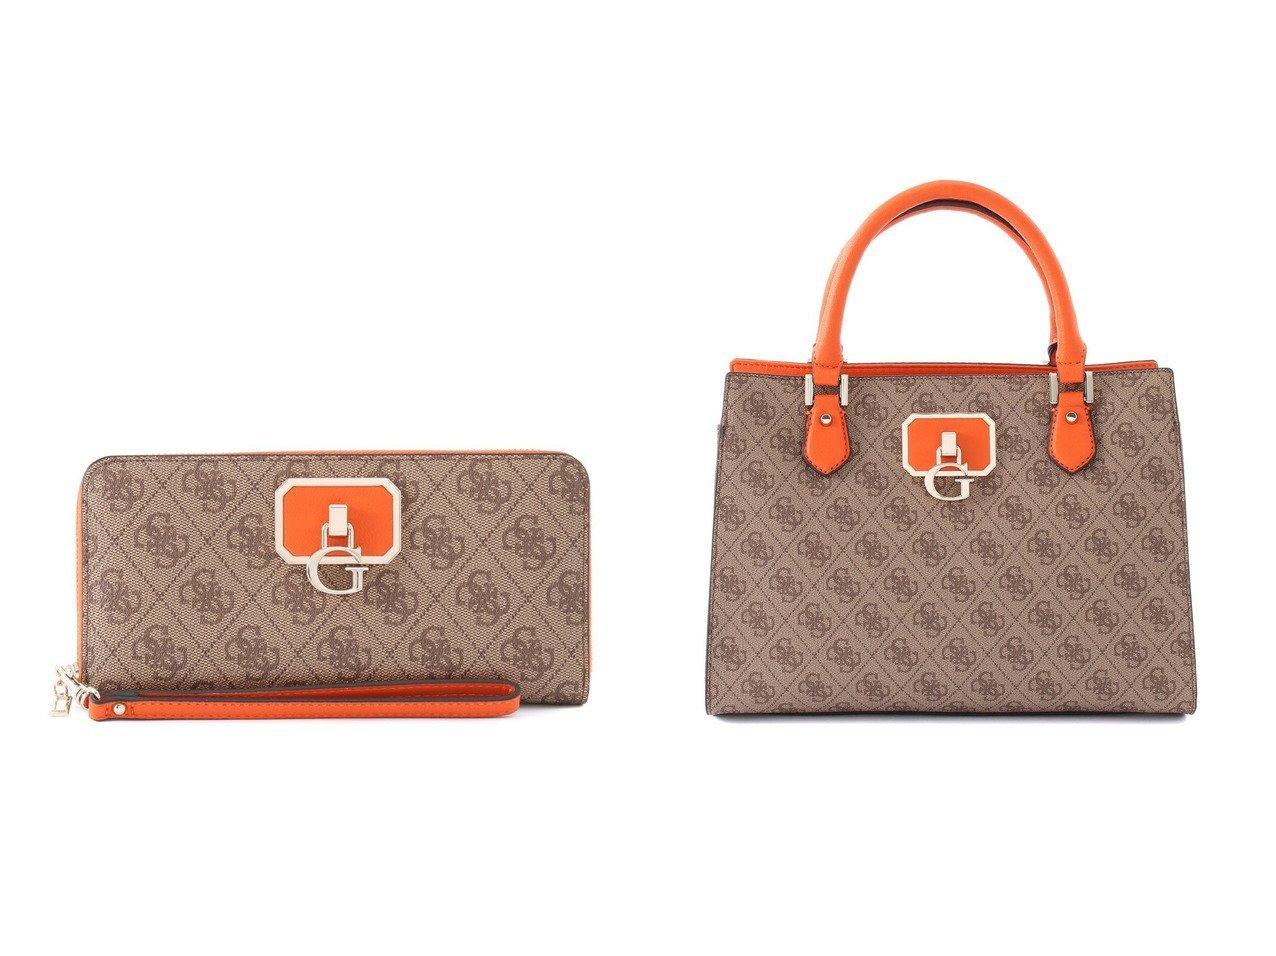 【GUESS/ゲス】のALISA Large Zip Around Wallet&ALISA Girlfriend Satchel おすすめ!人気トレンド・レディースファッション通販 おすすめで人気の流行・トレンド、ファッションの通販商品 インテリア・家具・メンズファッション・キッズファッション・レディースファッション・服の通販 founy(ファニー) https://founy.com/ ファッション Fashion レディースファッション WOMEN 2021年 2021 2021春夏・S/S SS/Spring/Summer/2021 S/S・春夏 SS・Spring/Summer ポケット ラップ 定番 Standard 春 Spring インナー チェーン フロント モチーフ ラグジュアリー 財布 |ID:crp329100000046285